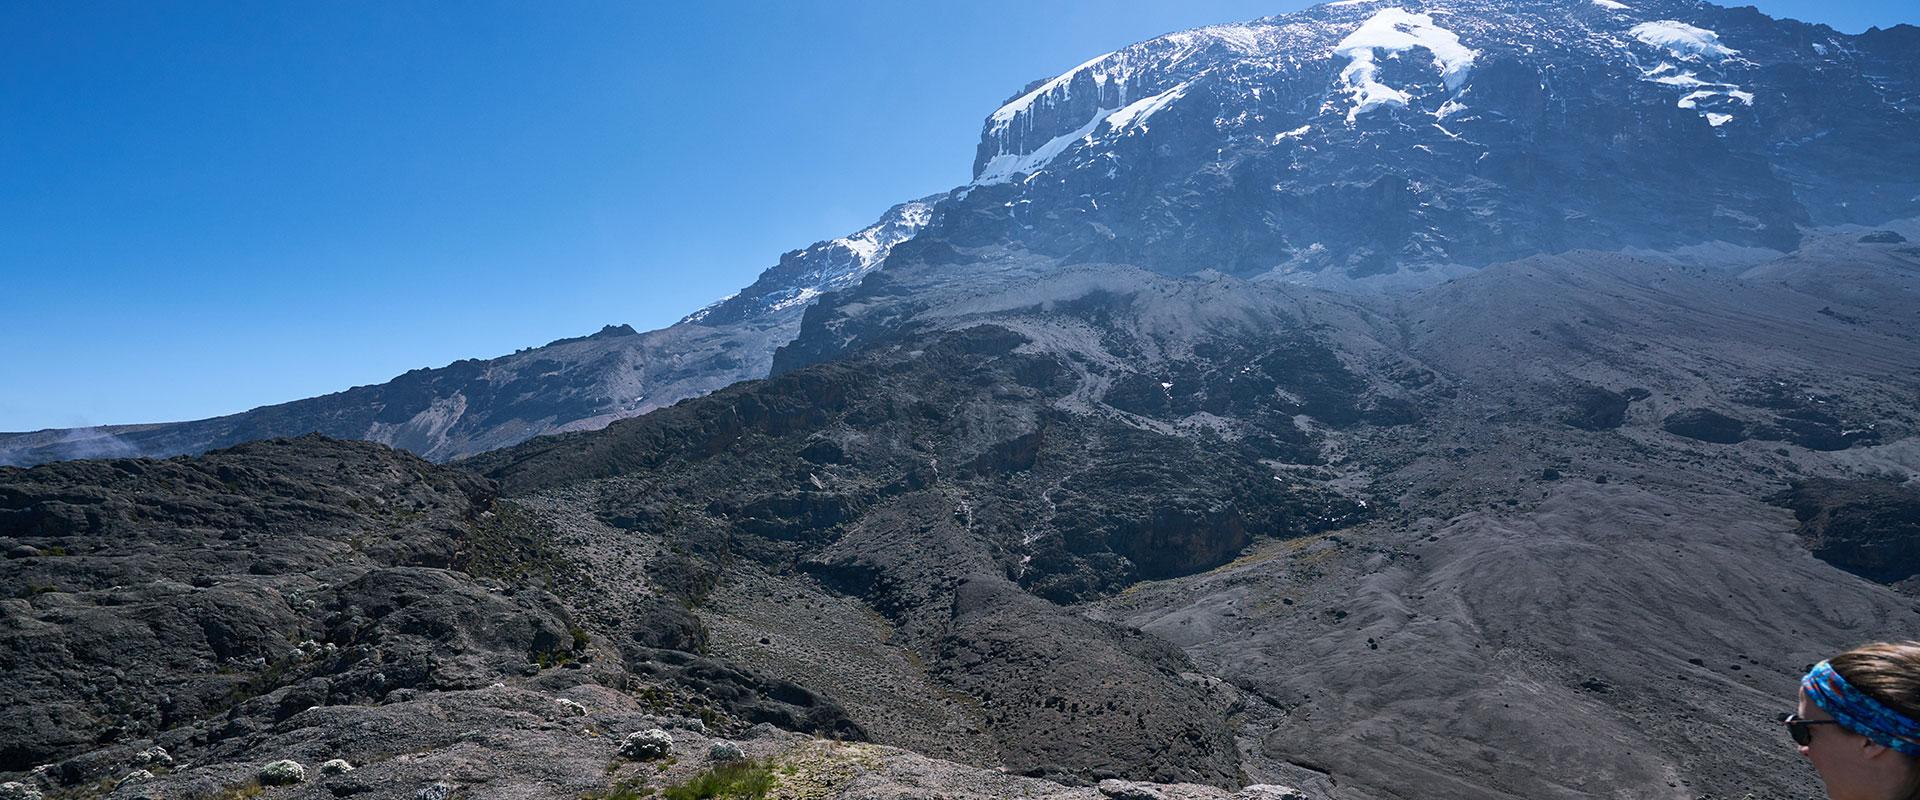 Kilimanjaro Routes Comparison